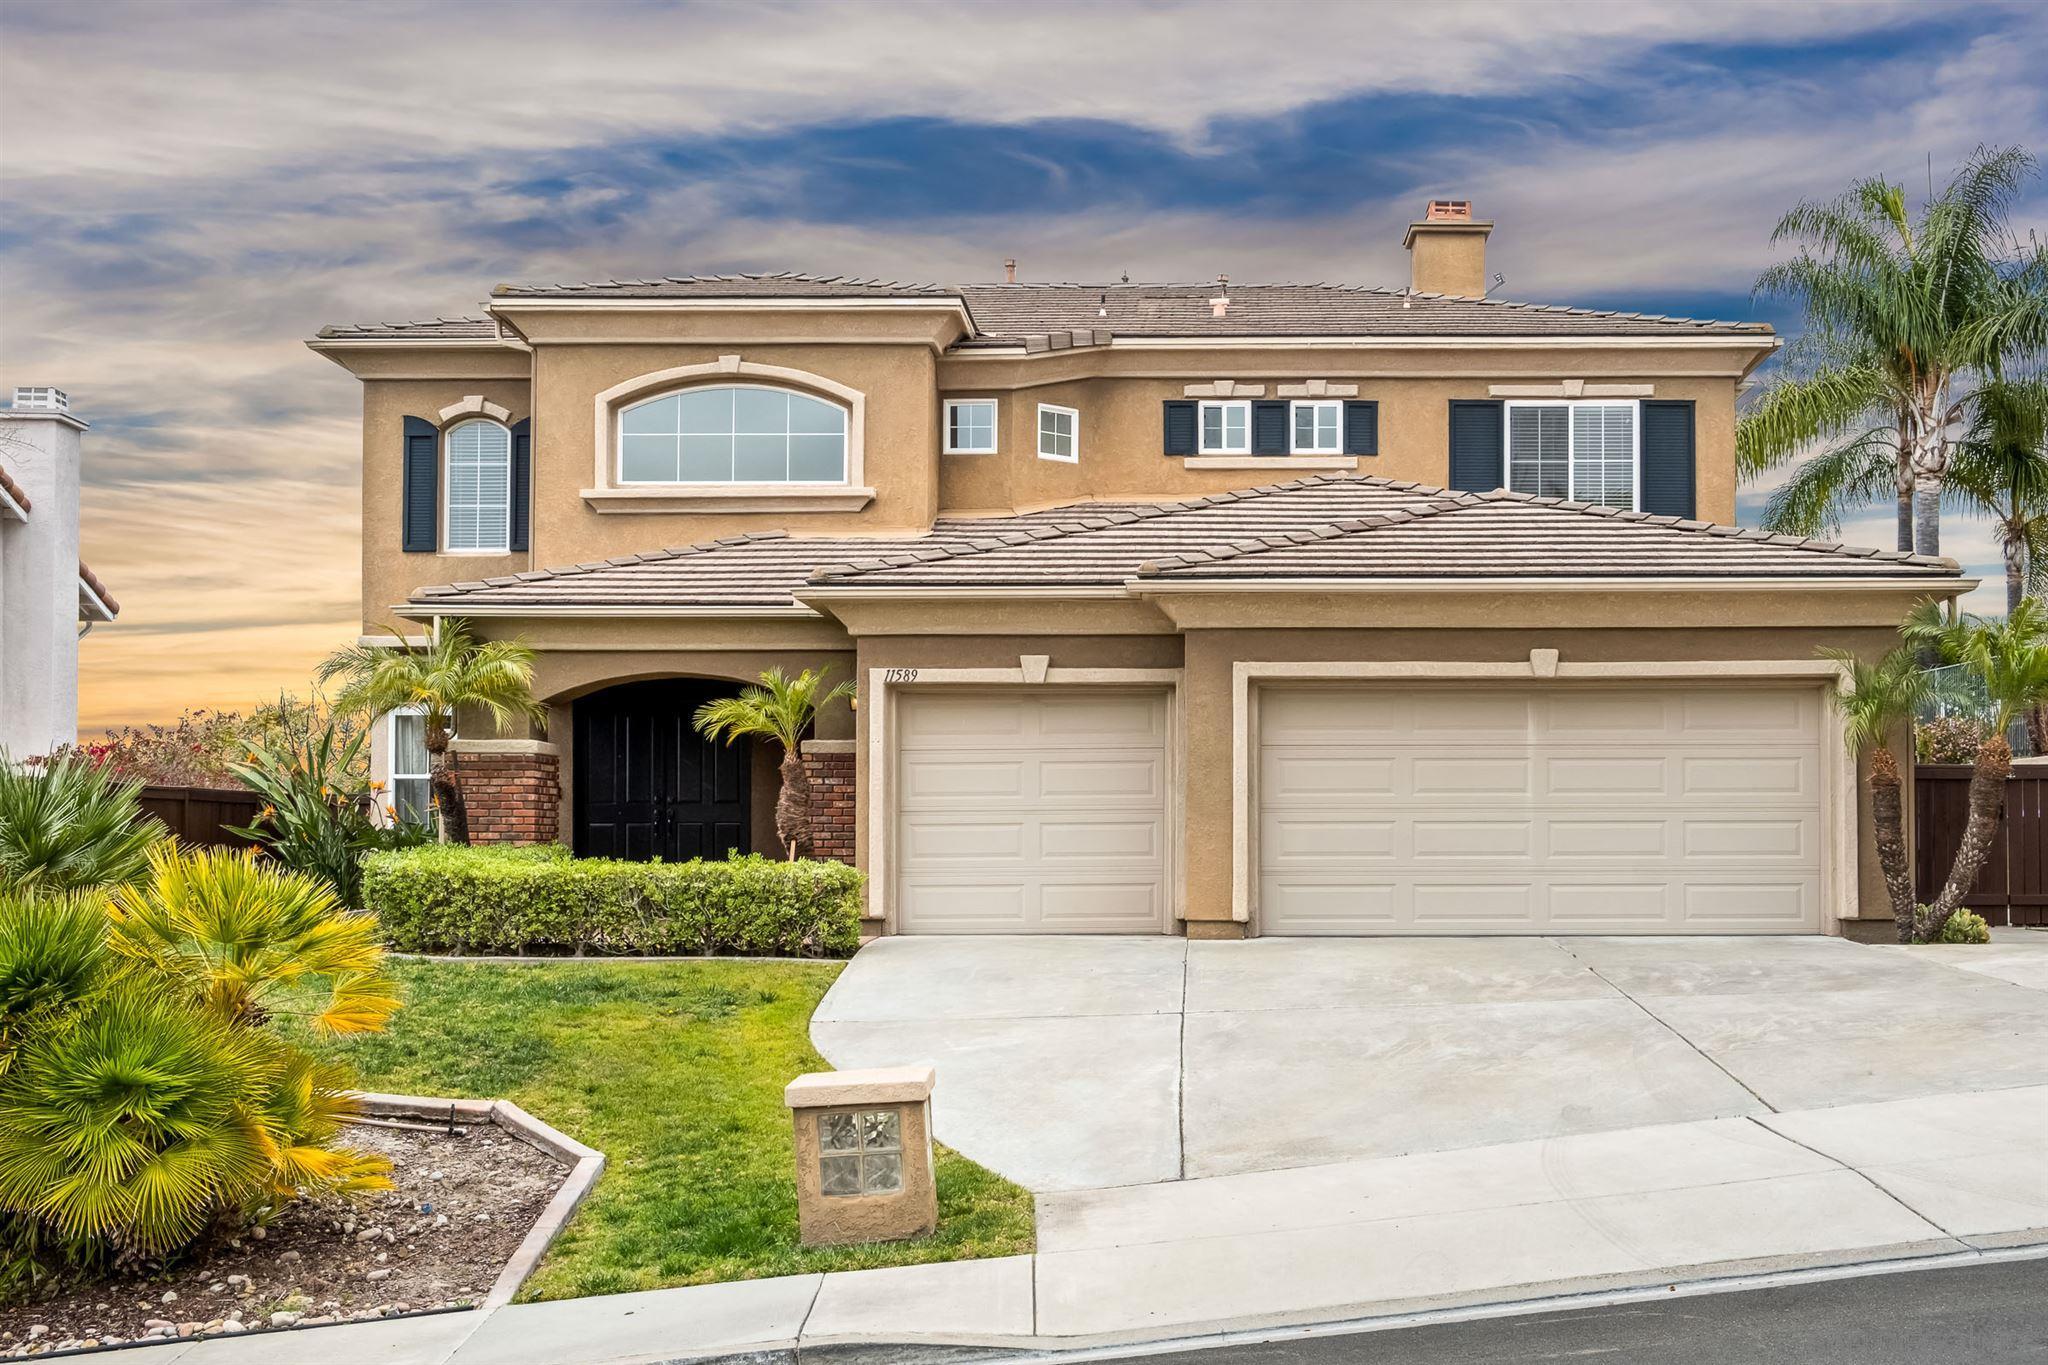 11589 Wannacut Pl, San Diego, CA 92131